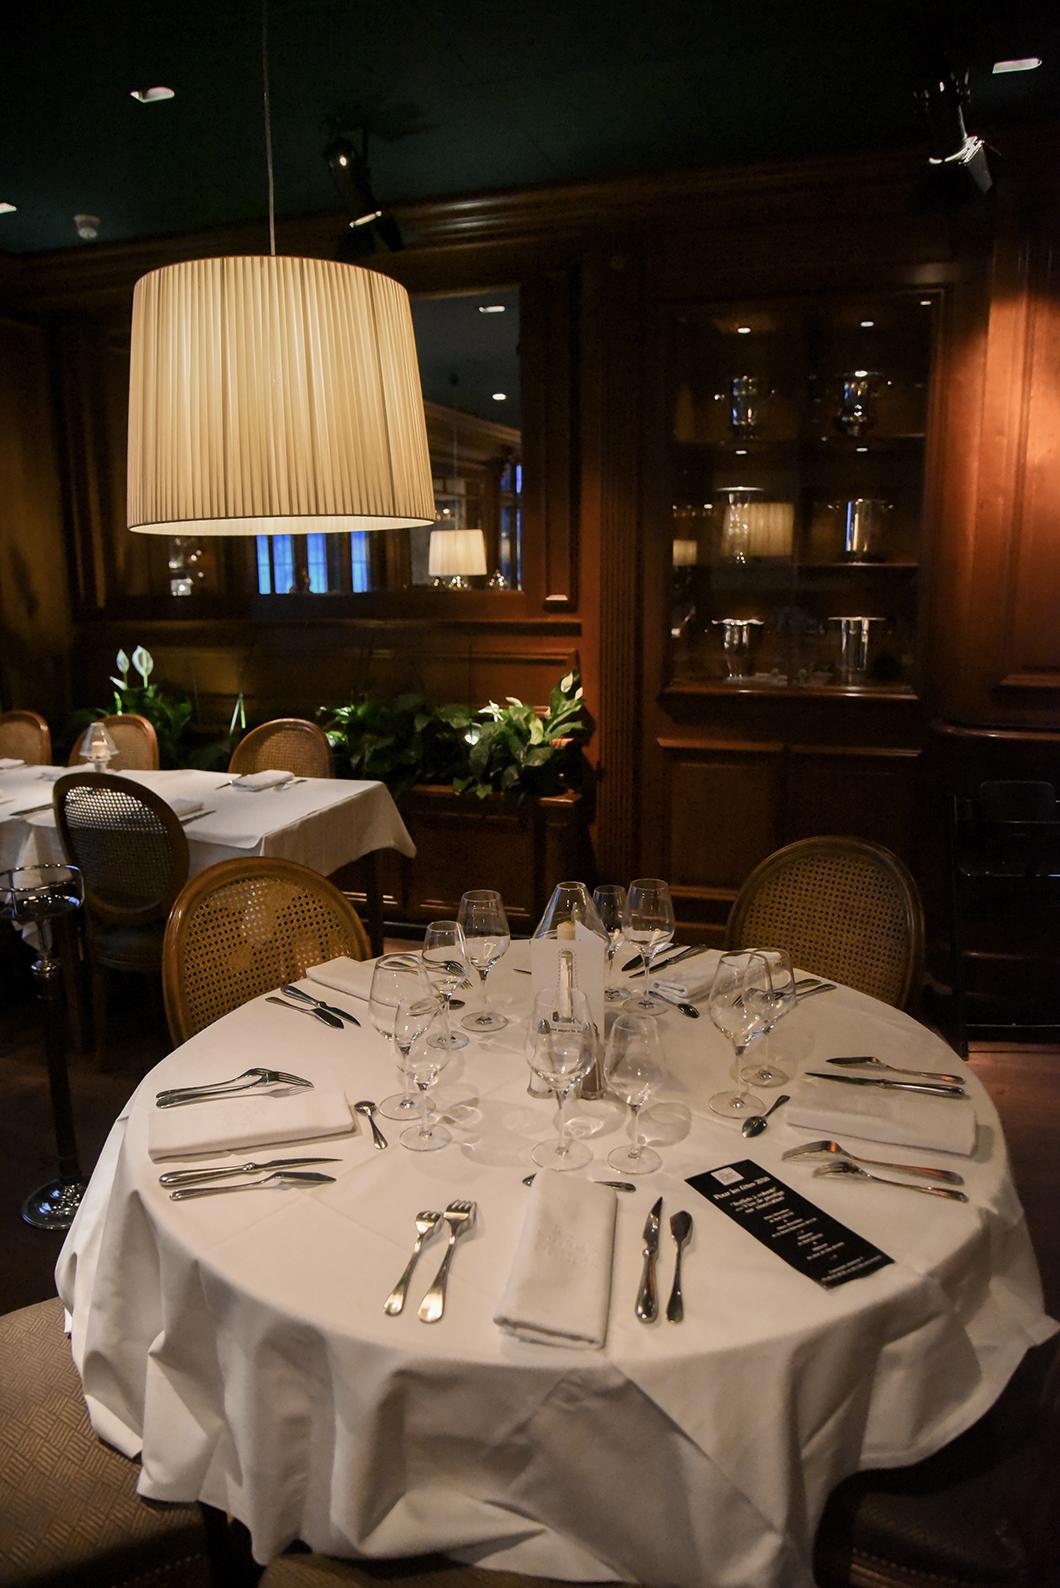 Les Grands Buffets à Narbonne - Buffet à volonté de qualité